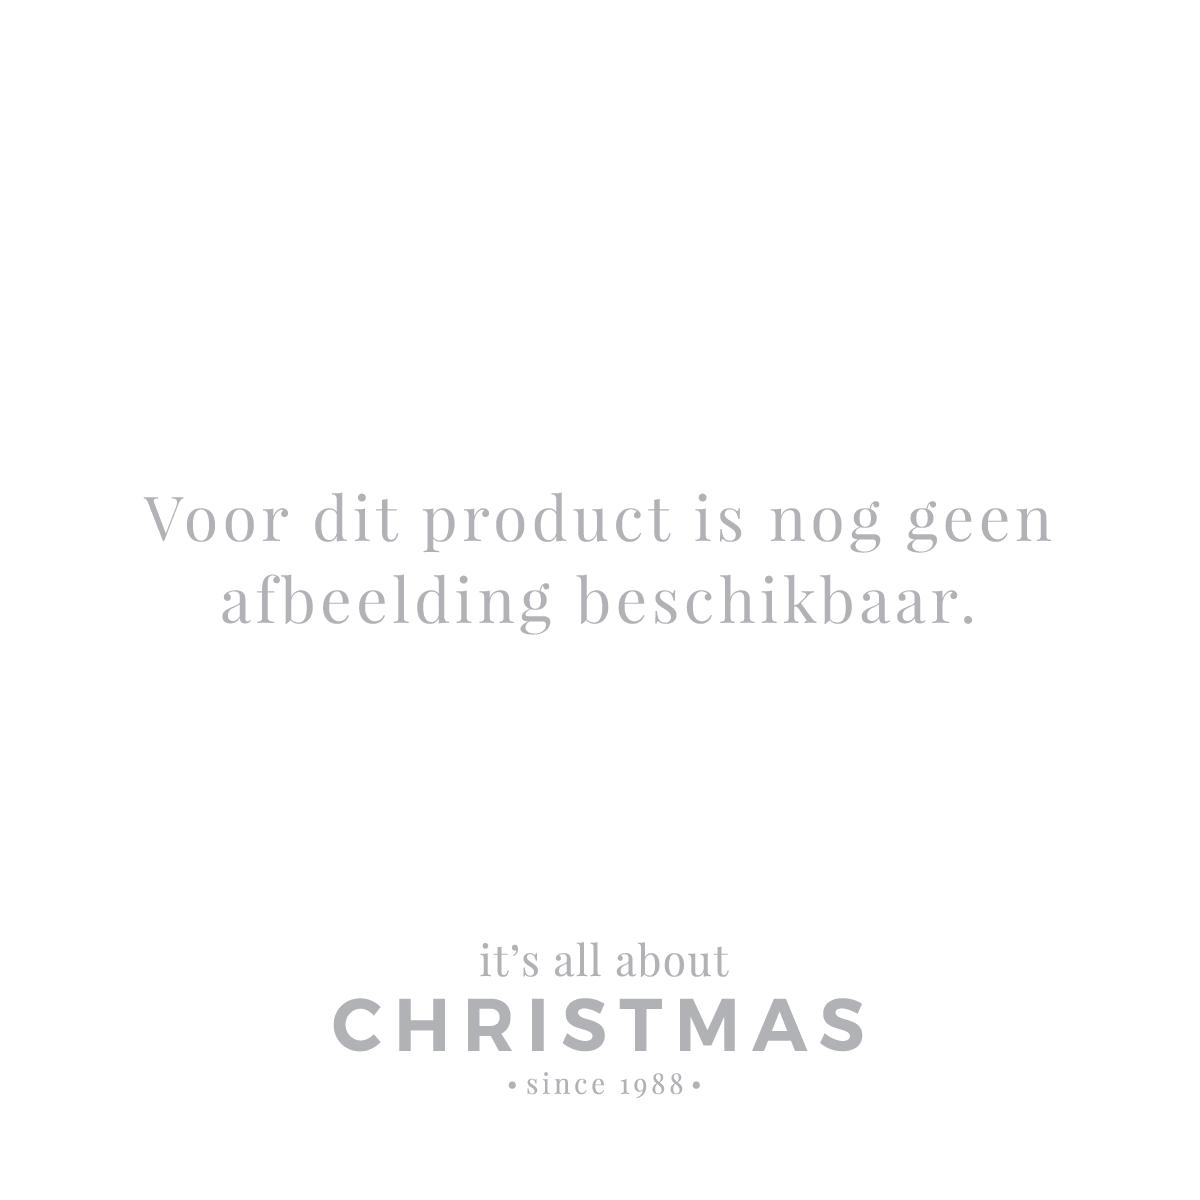 36 kleine kunststof kerstballen blauwgrijs in koker